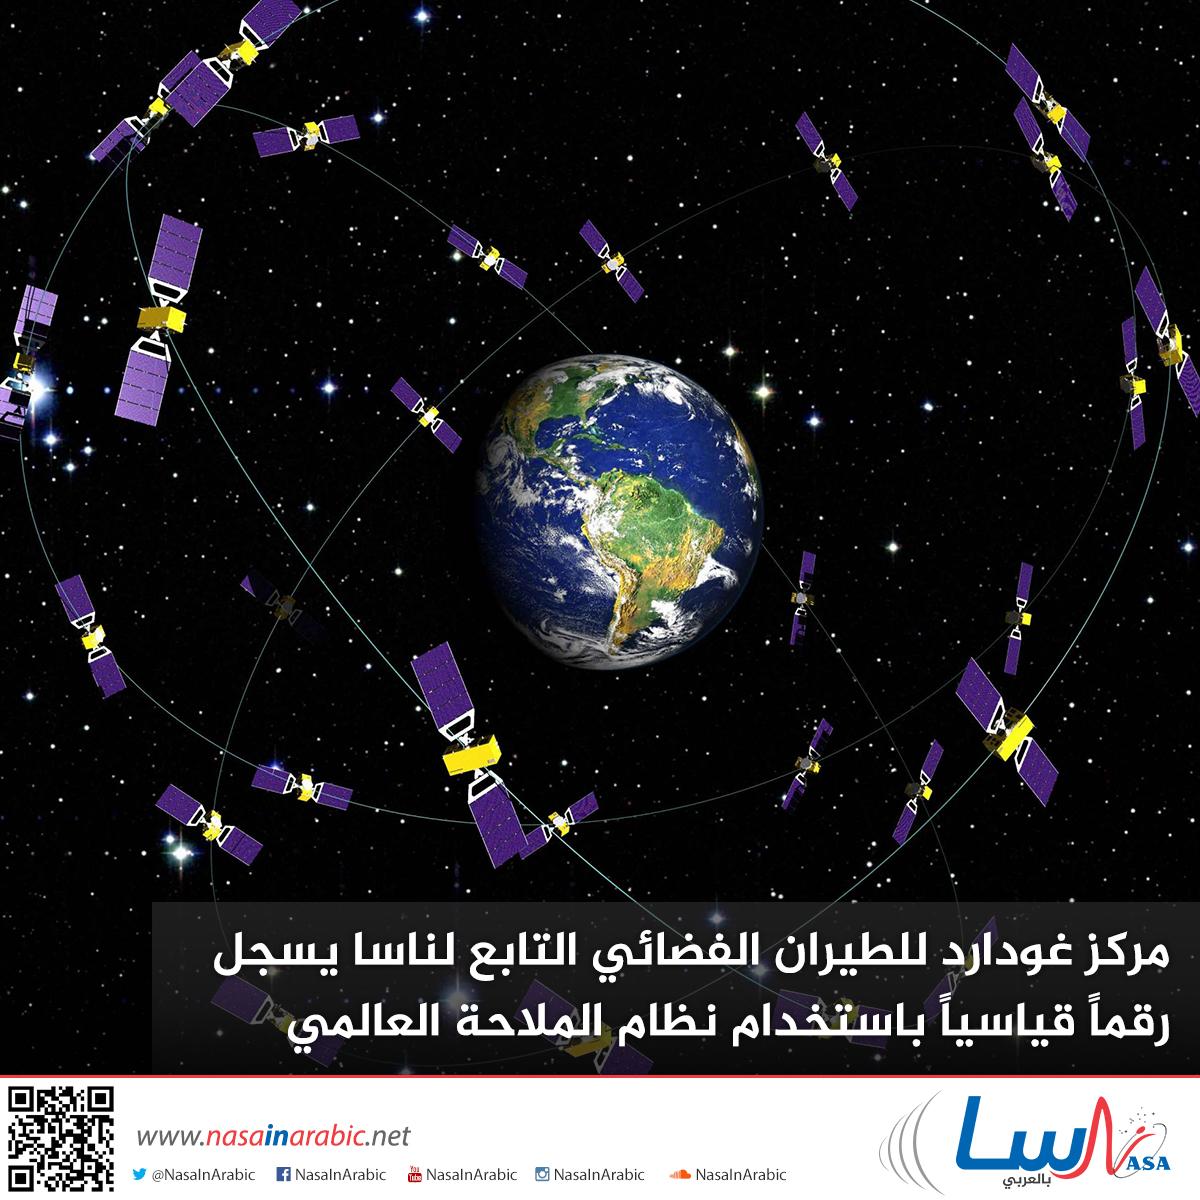 مركز غودارد للطيران الفضائي التابع لناسا يسجل رقماً قياسياً باستخدام نظام الملاحة العالمي